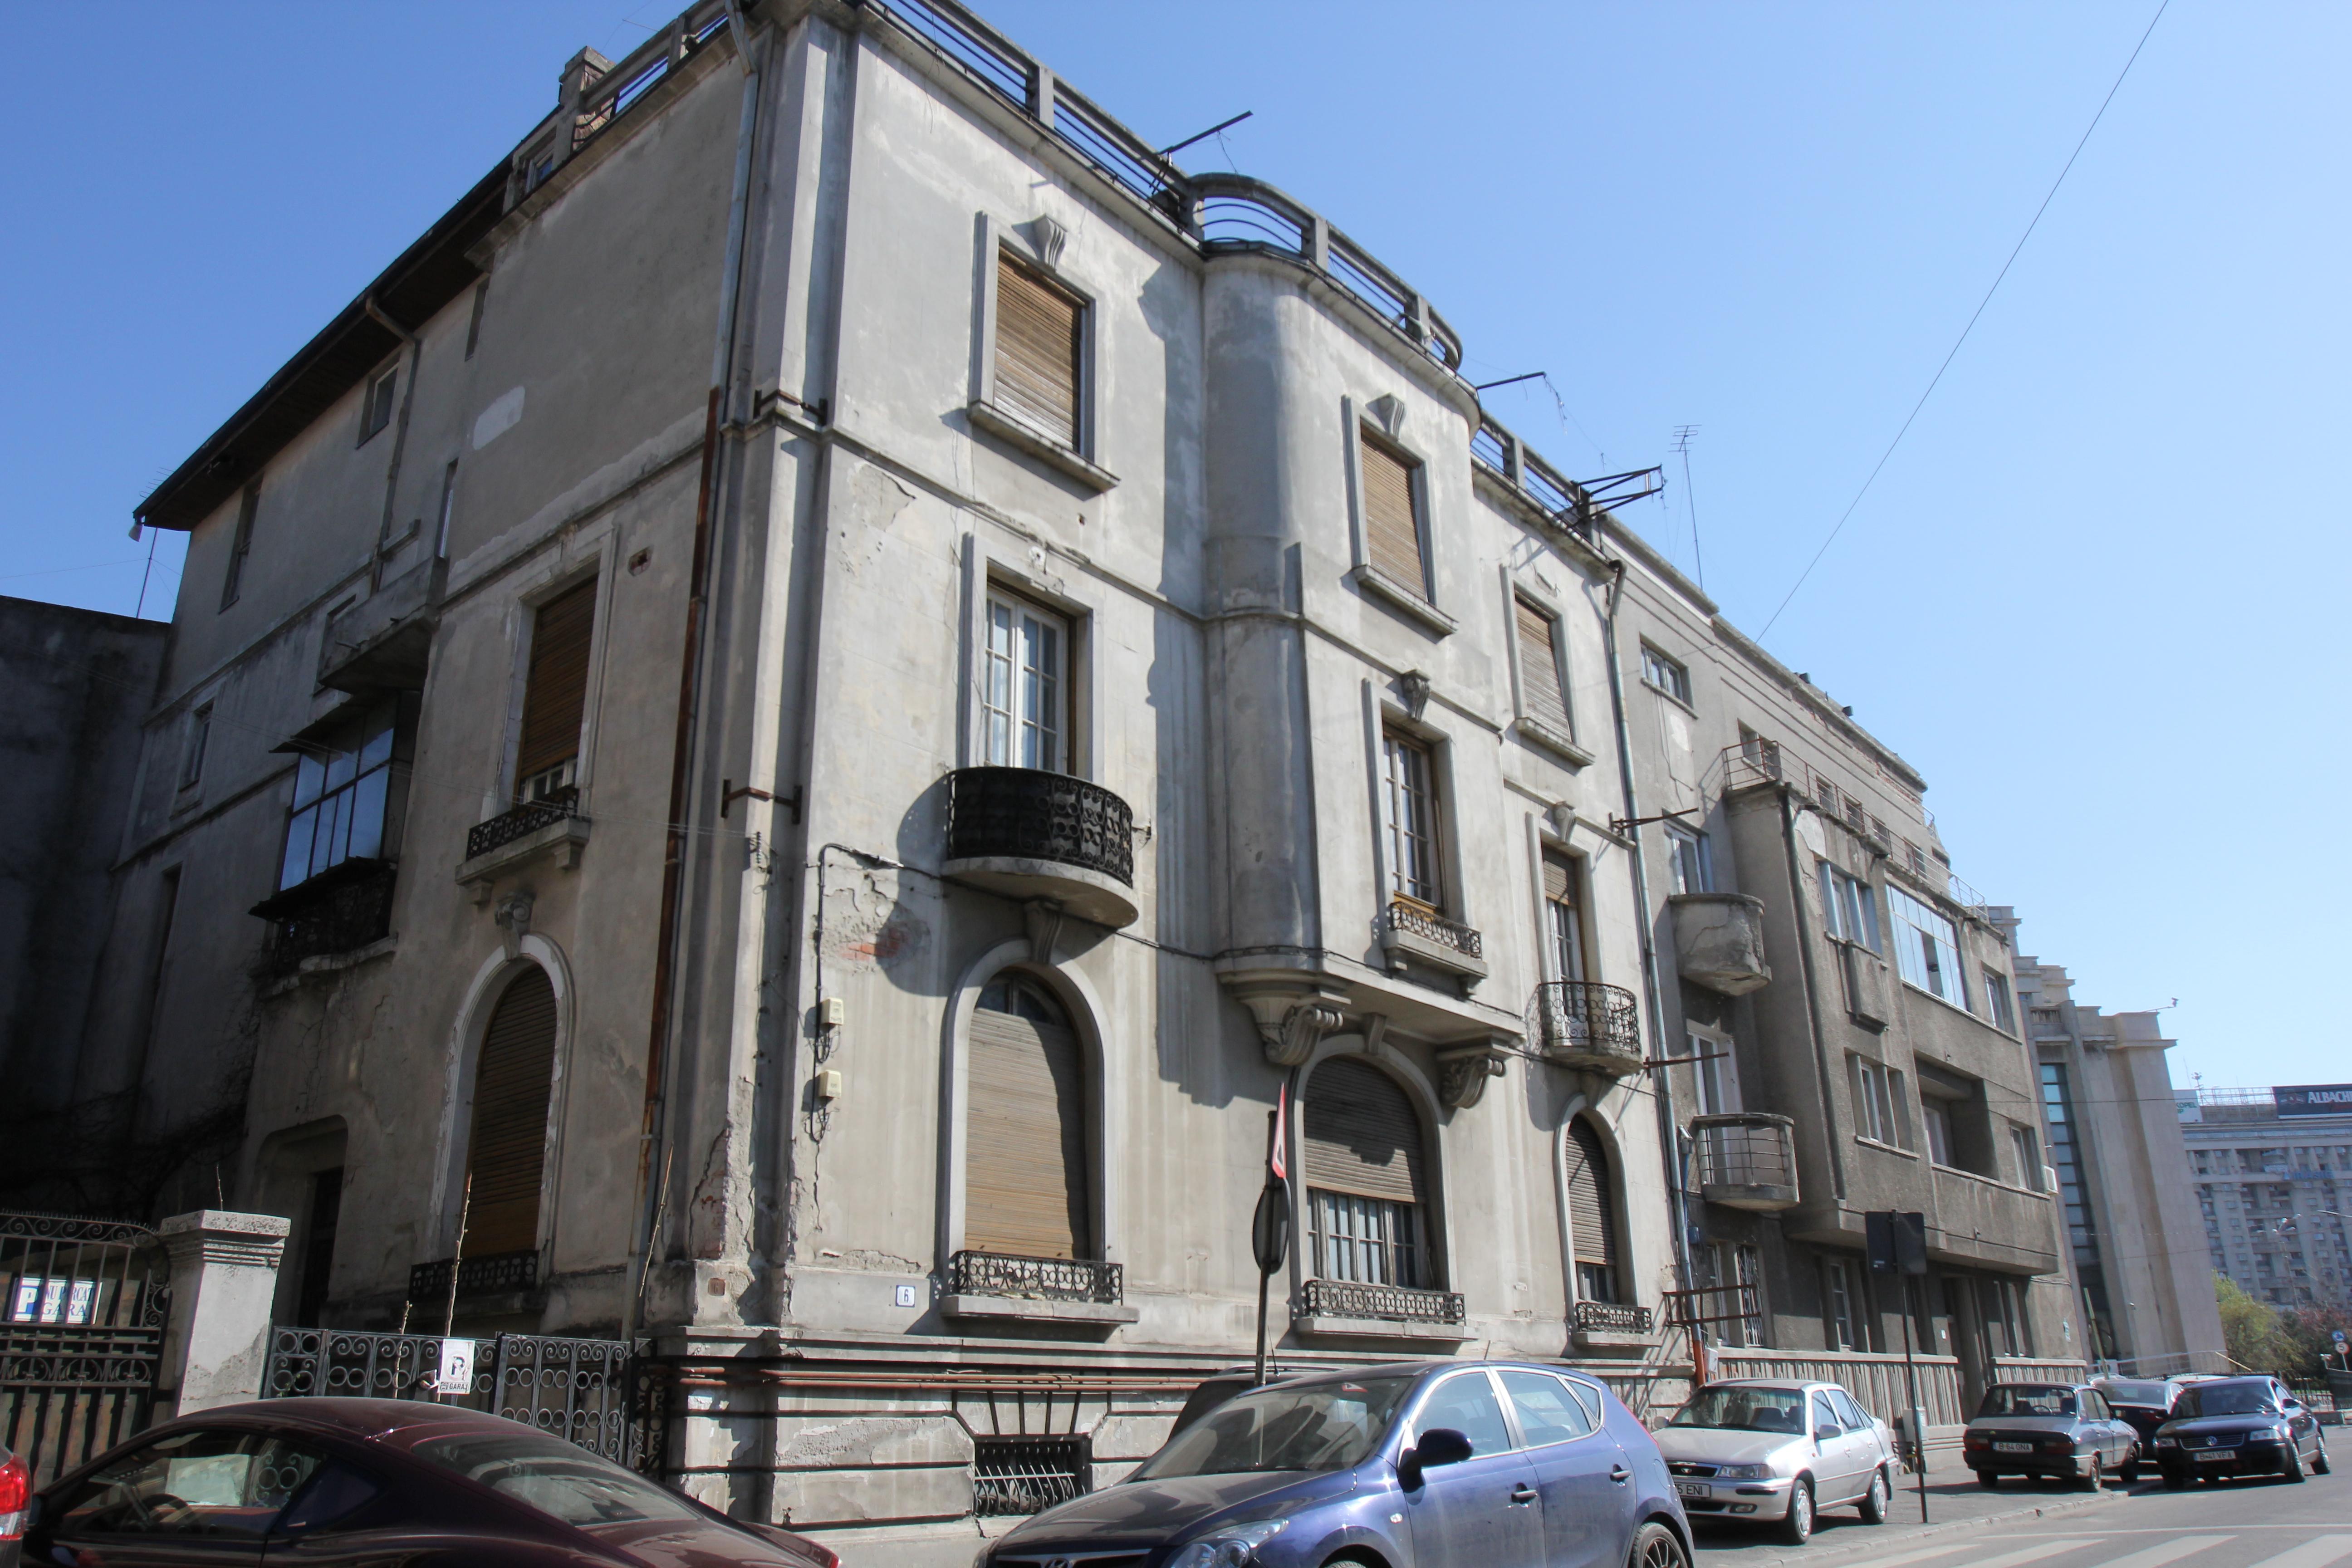 Imobilul de pe strada Paris, miza mare la partaj